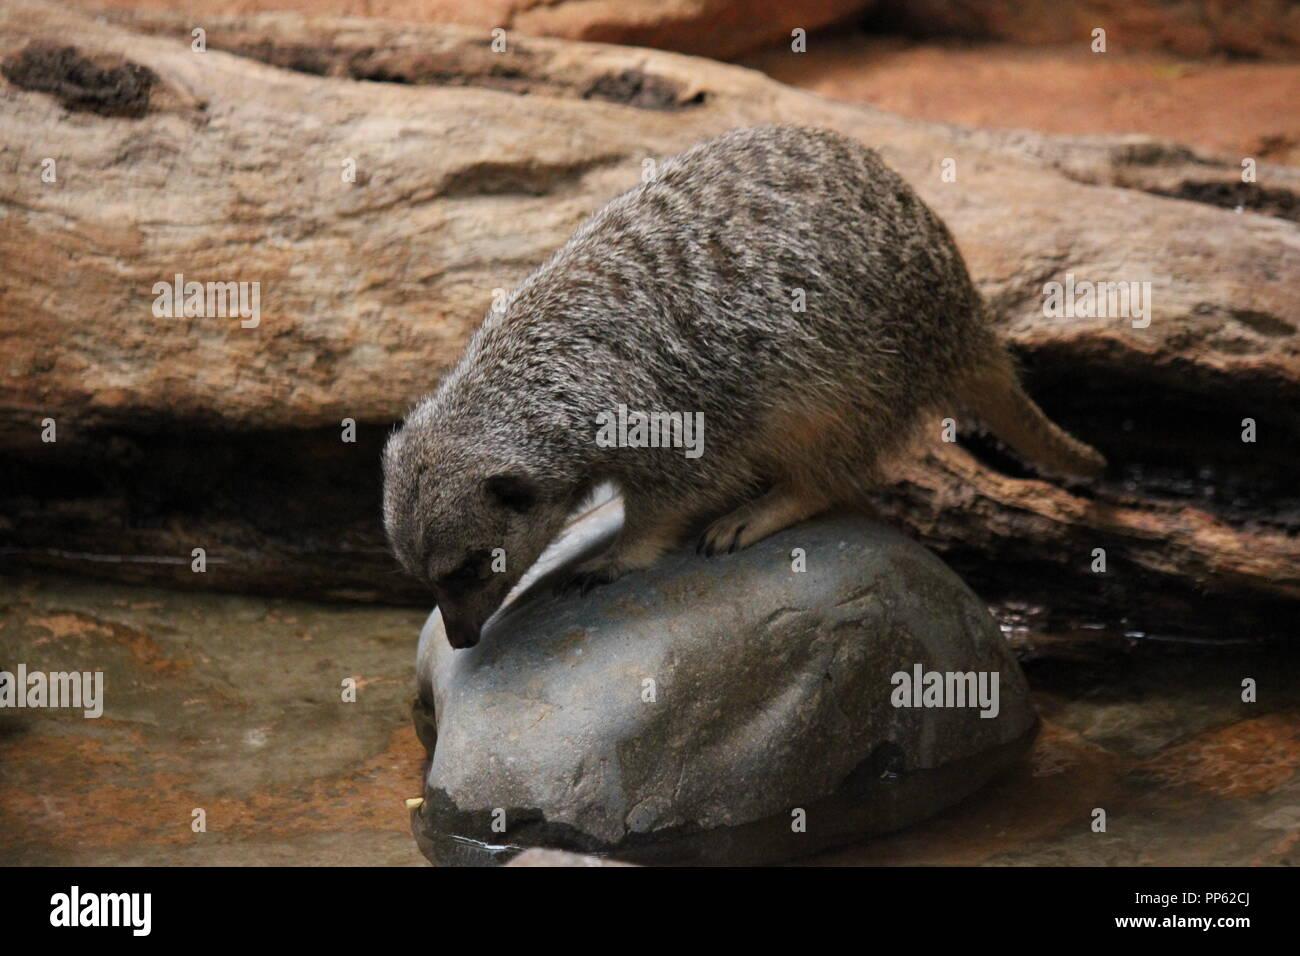 Lincoln Park Zoo Meerkat, Suricata suricatta, S. suricatta , giocando intorno all'acqua e seduto su una roccia a Chicago, Illinois. Immagini Stock